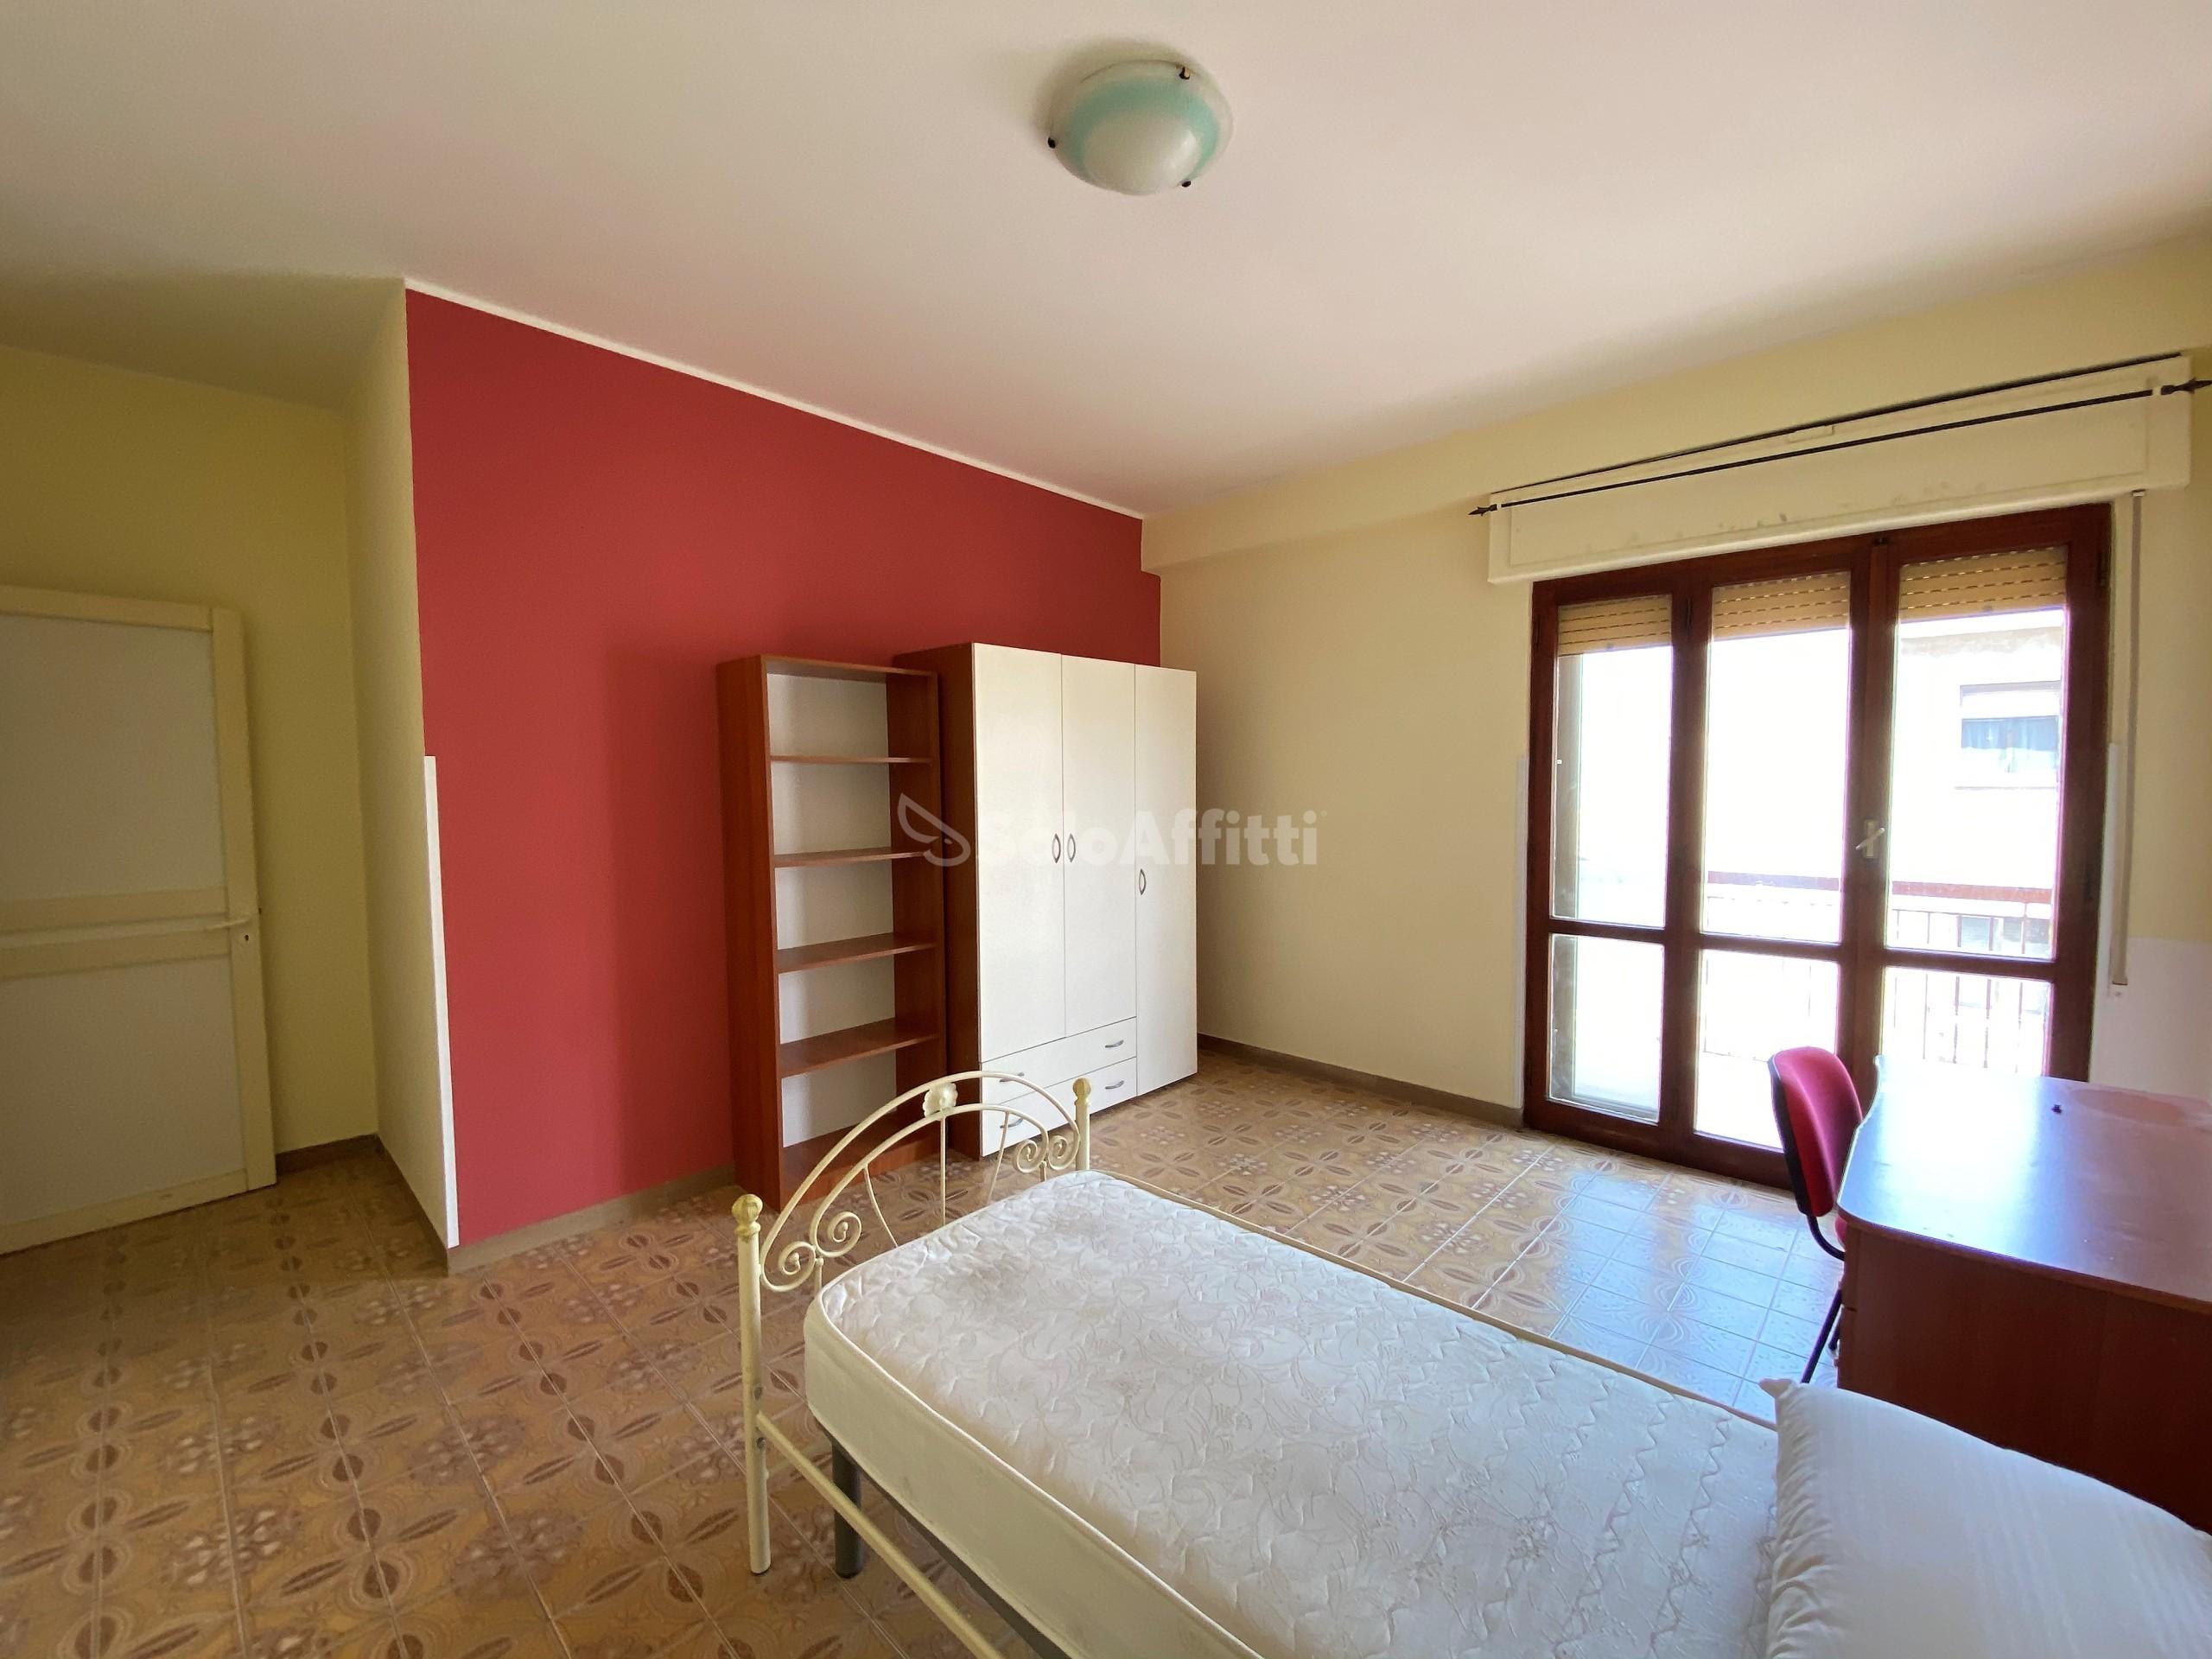 Appartamento 5 locali Arredato 5 vani